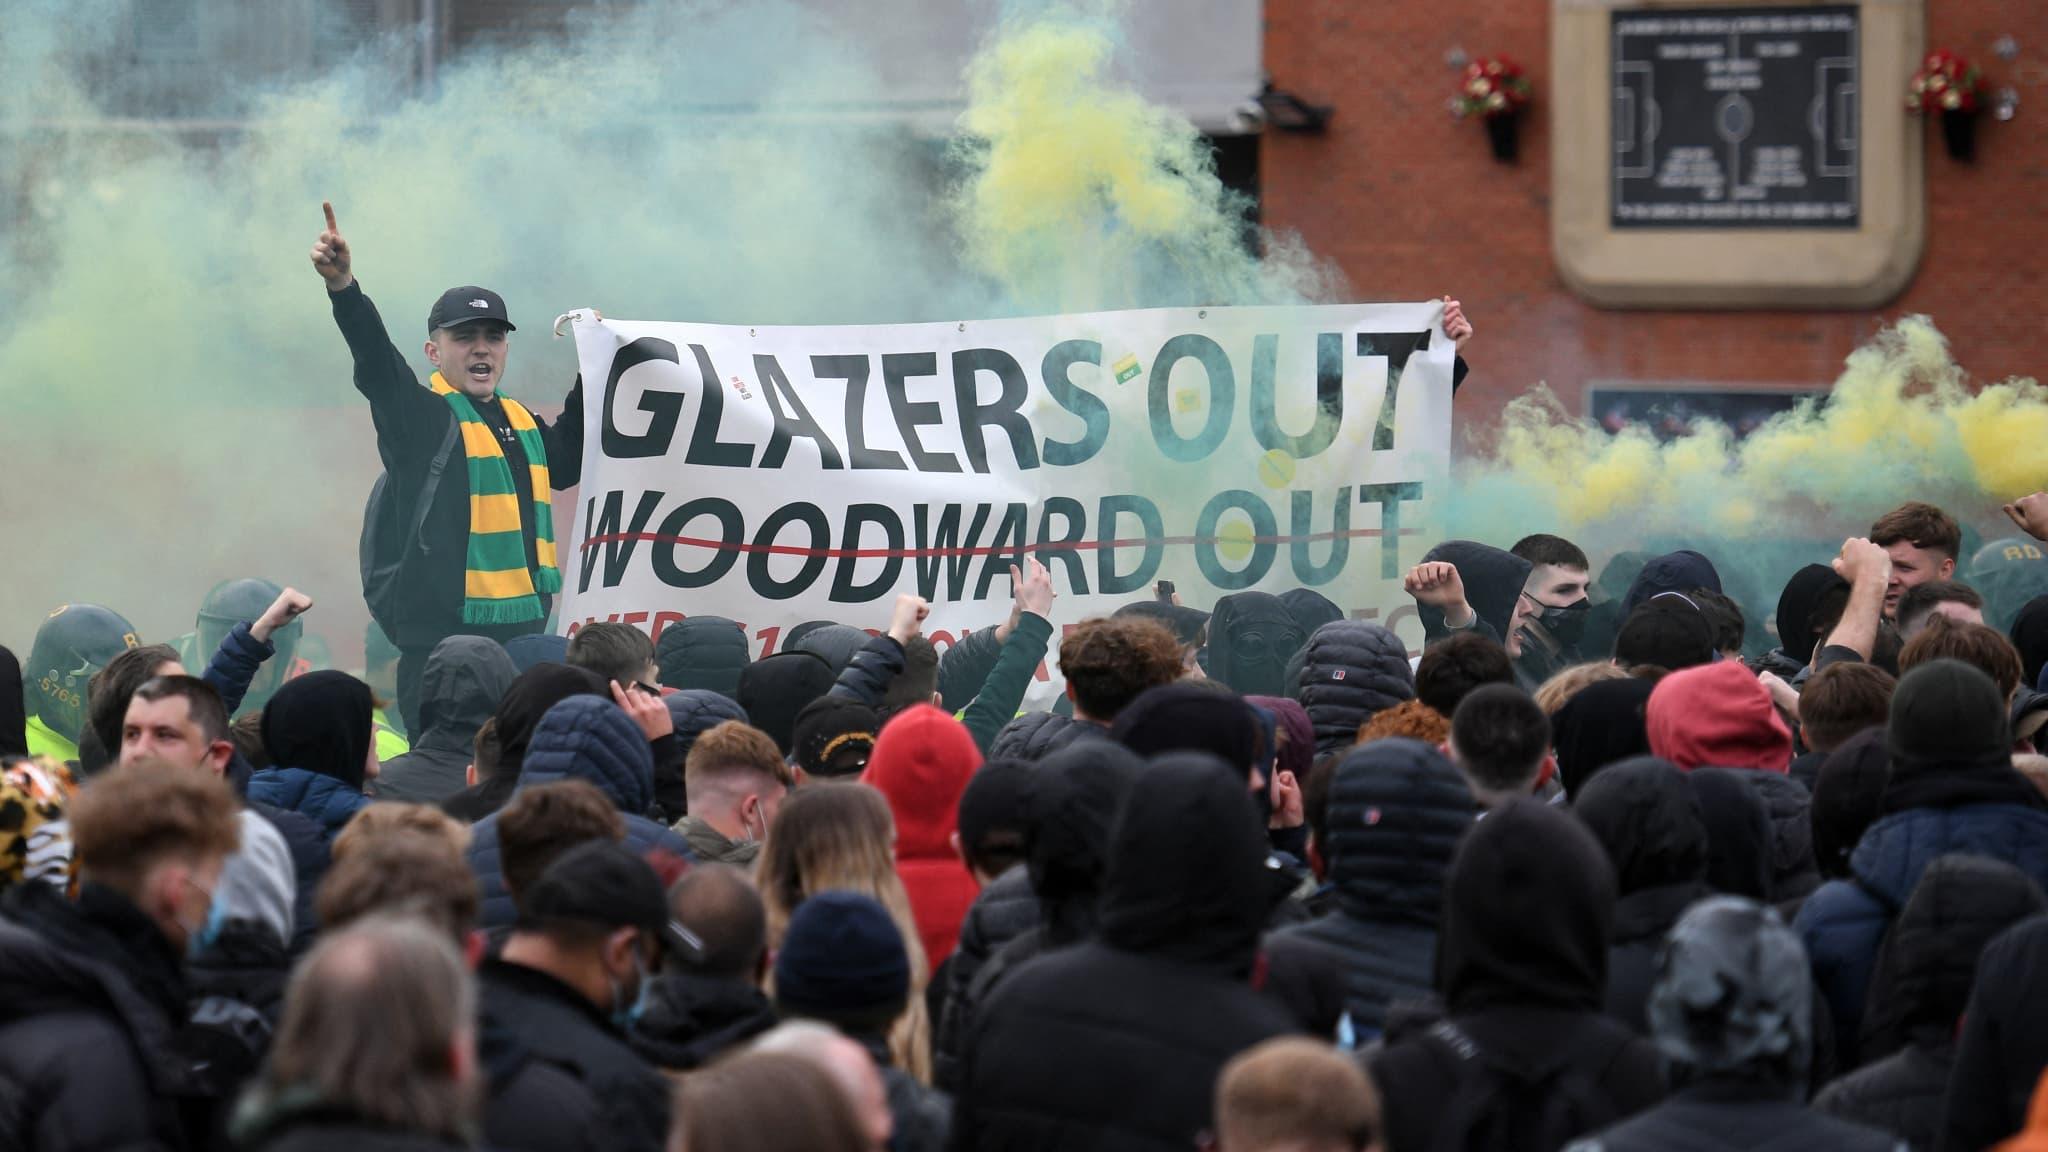 Manchester City - Calendrier et résultats Premier League 2021-2022 : tous les matches